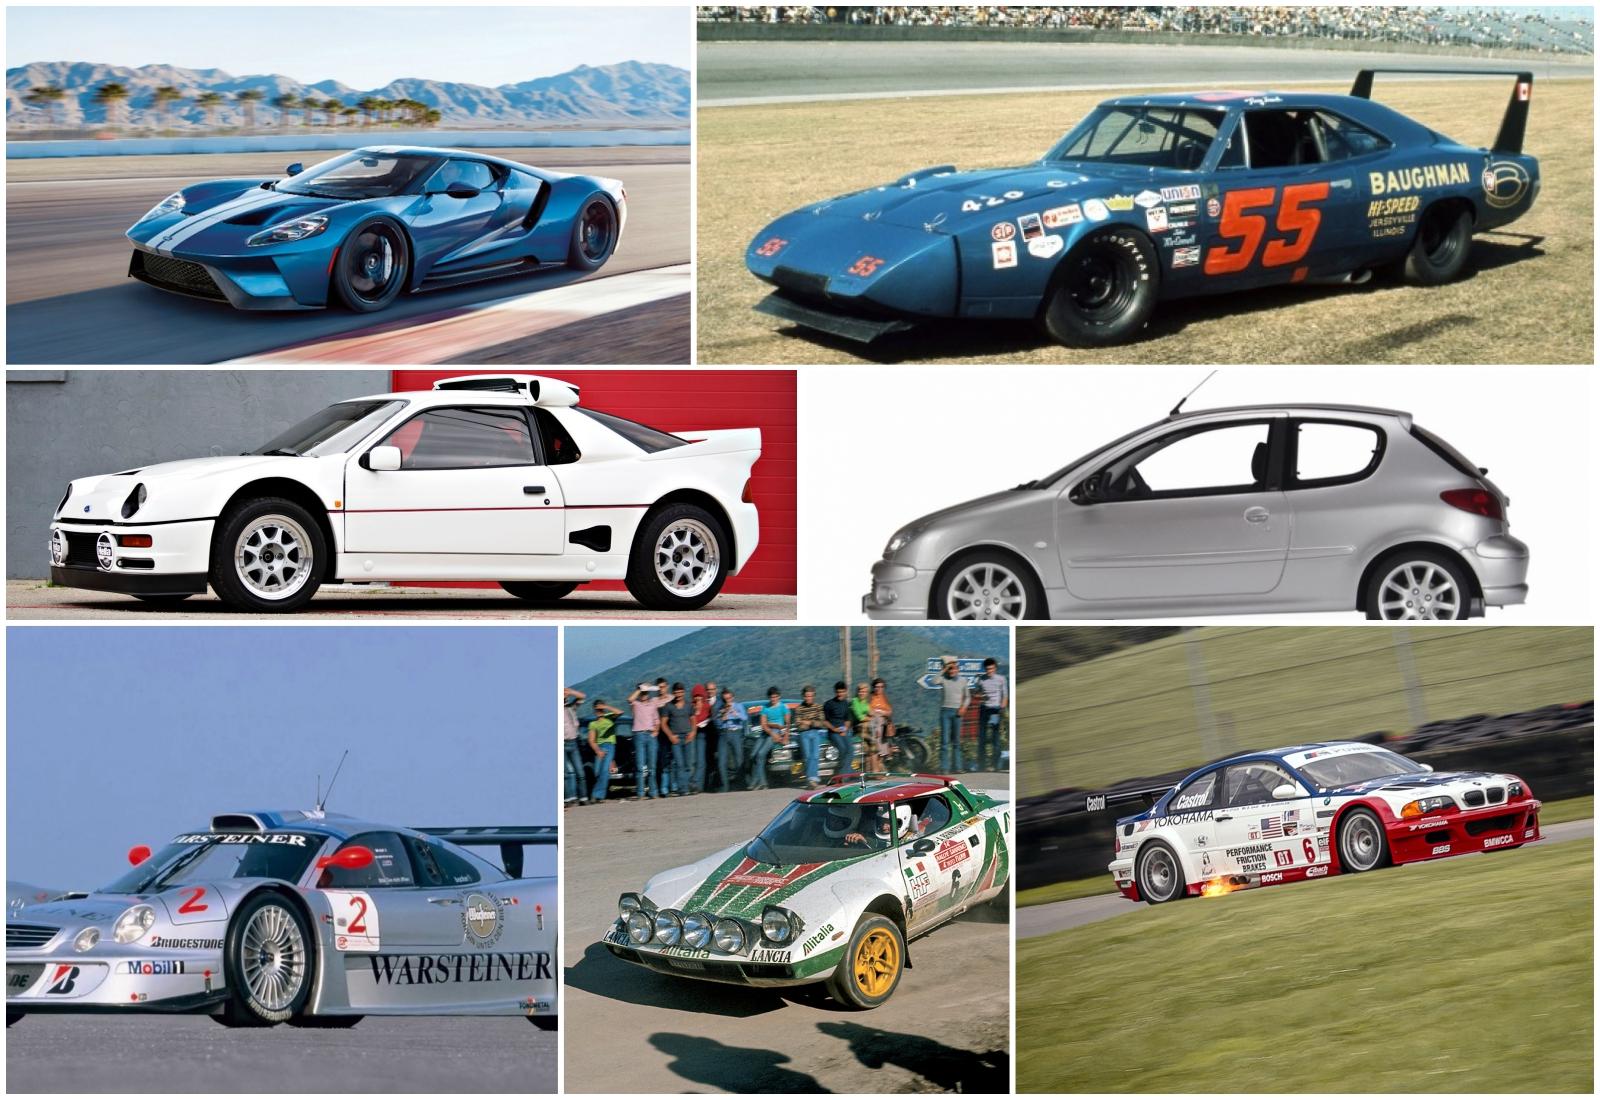 Sabe quais foram alguns dos carros que vieram da pista para a estrada? (Parte 2)